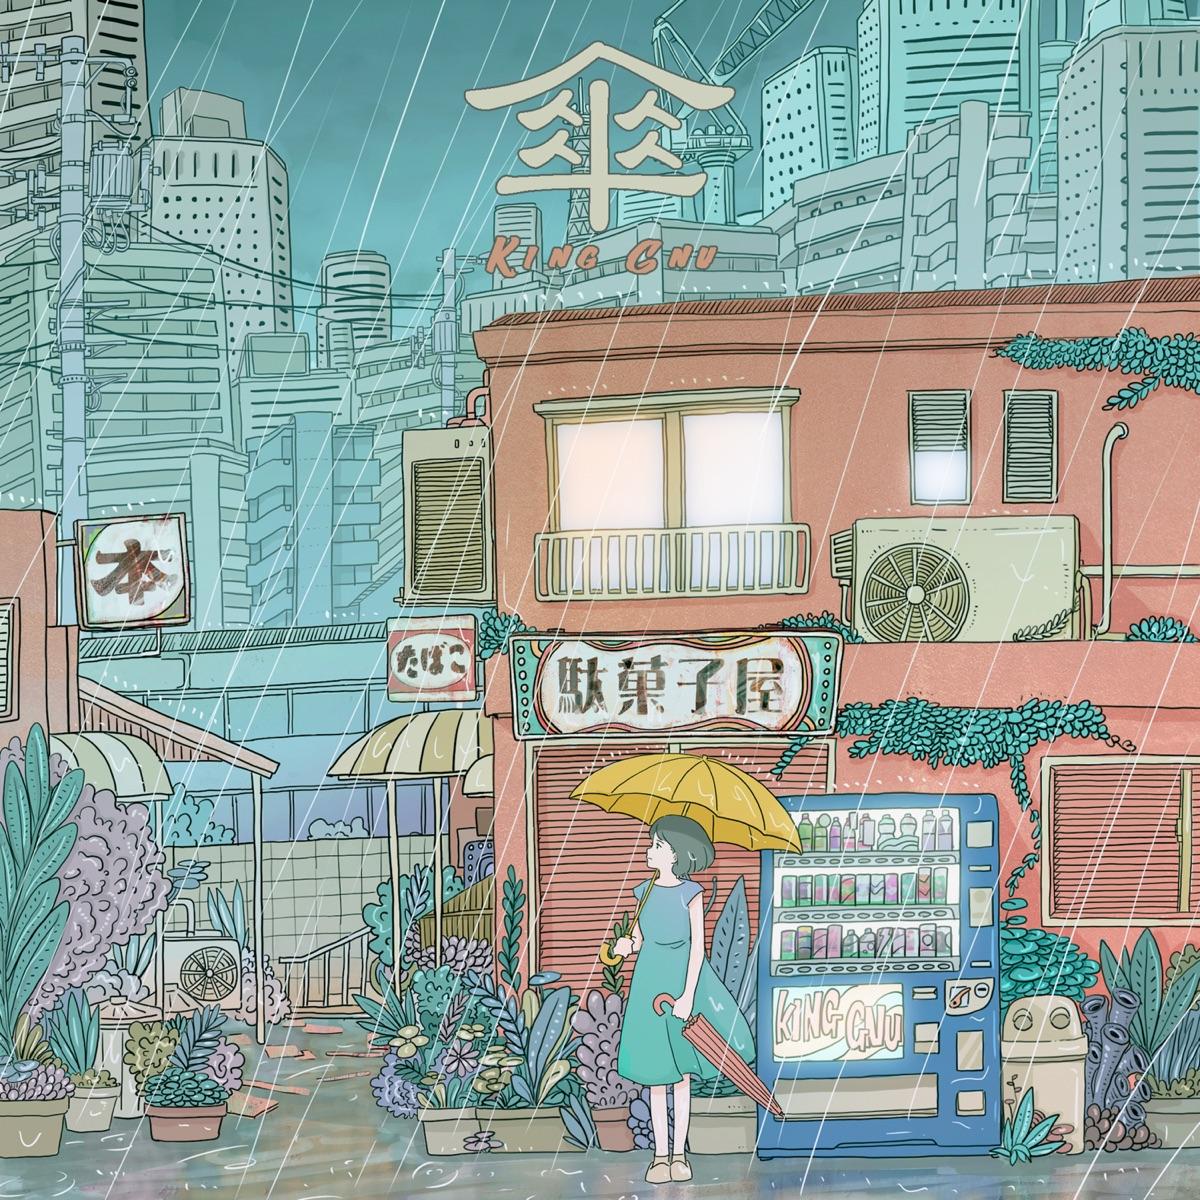 『King Gnu - 傘 歌詞』収録の『傘』ジャケット